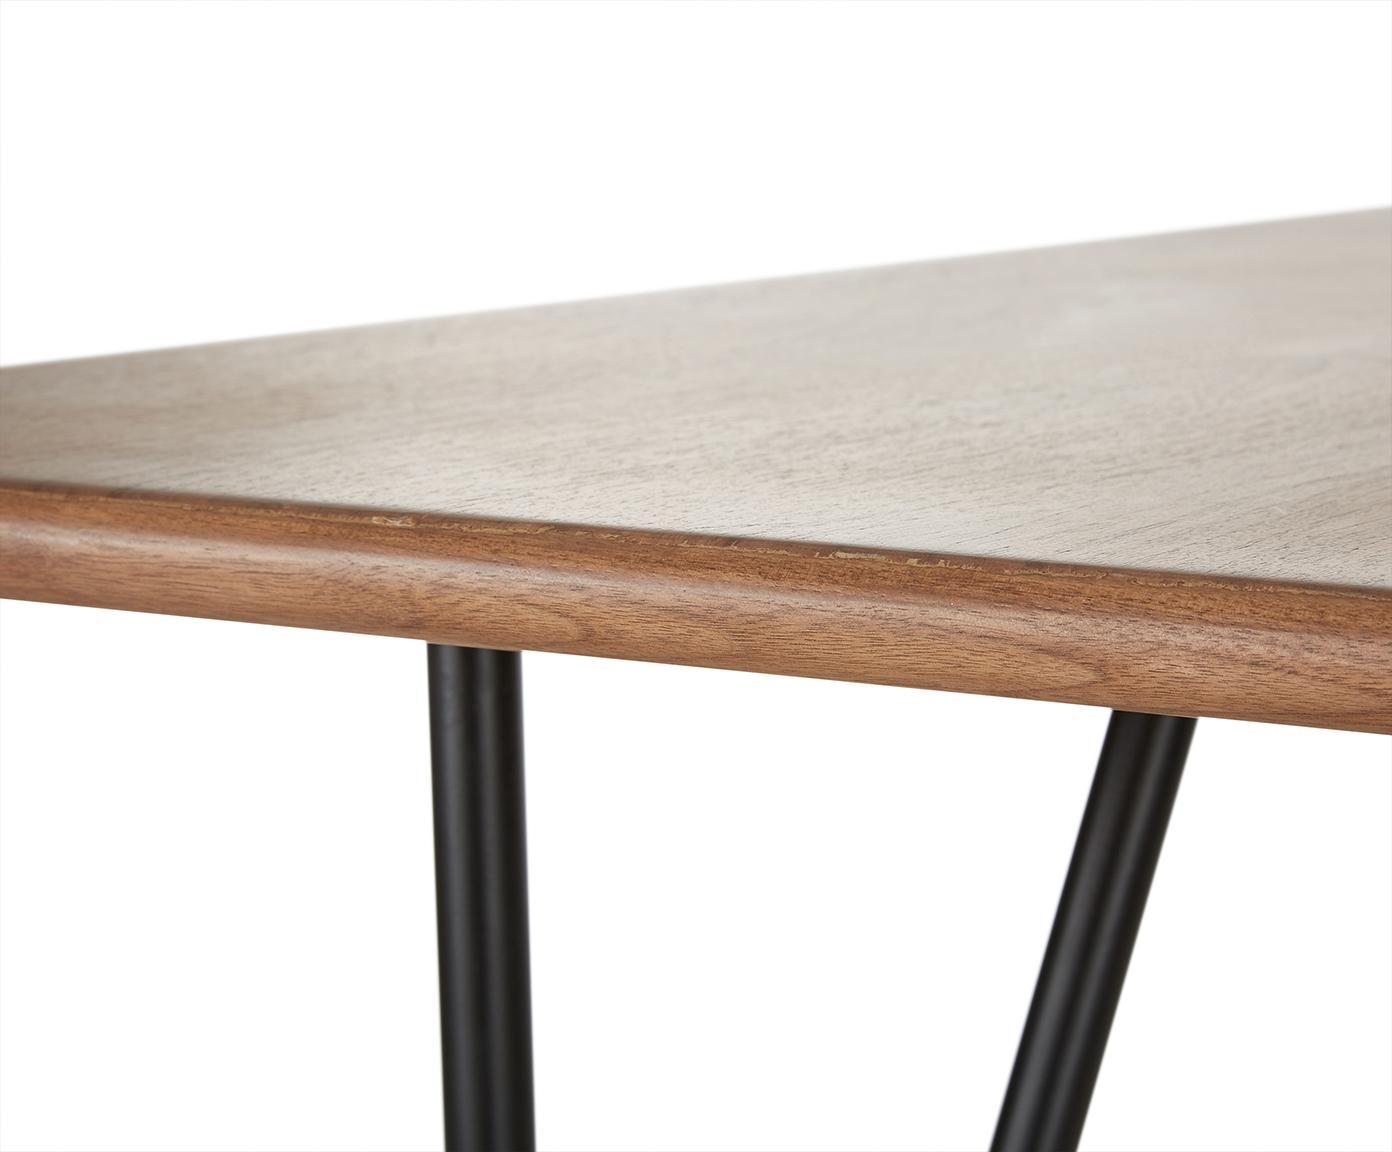 Tavolo con finitura in noce Juno, Piano d'appoggio: pannello di fibra a media, Struttura: metallo verniciato a polv, finitura in noce, Larg. 180 x Prof. 90 cm